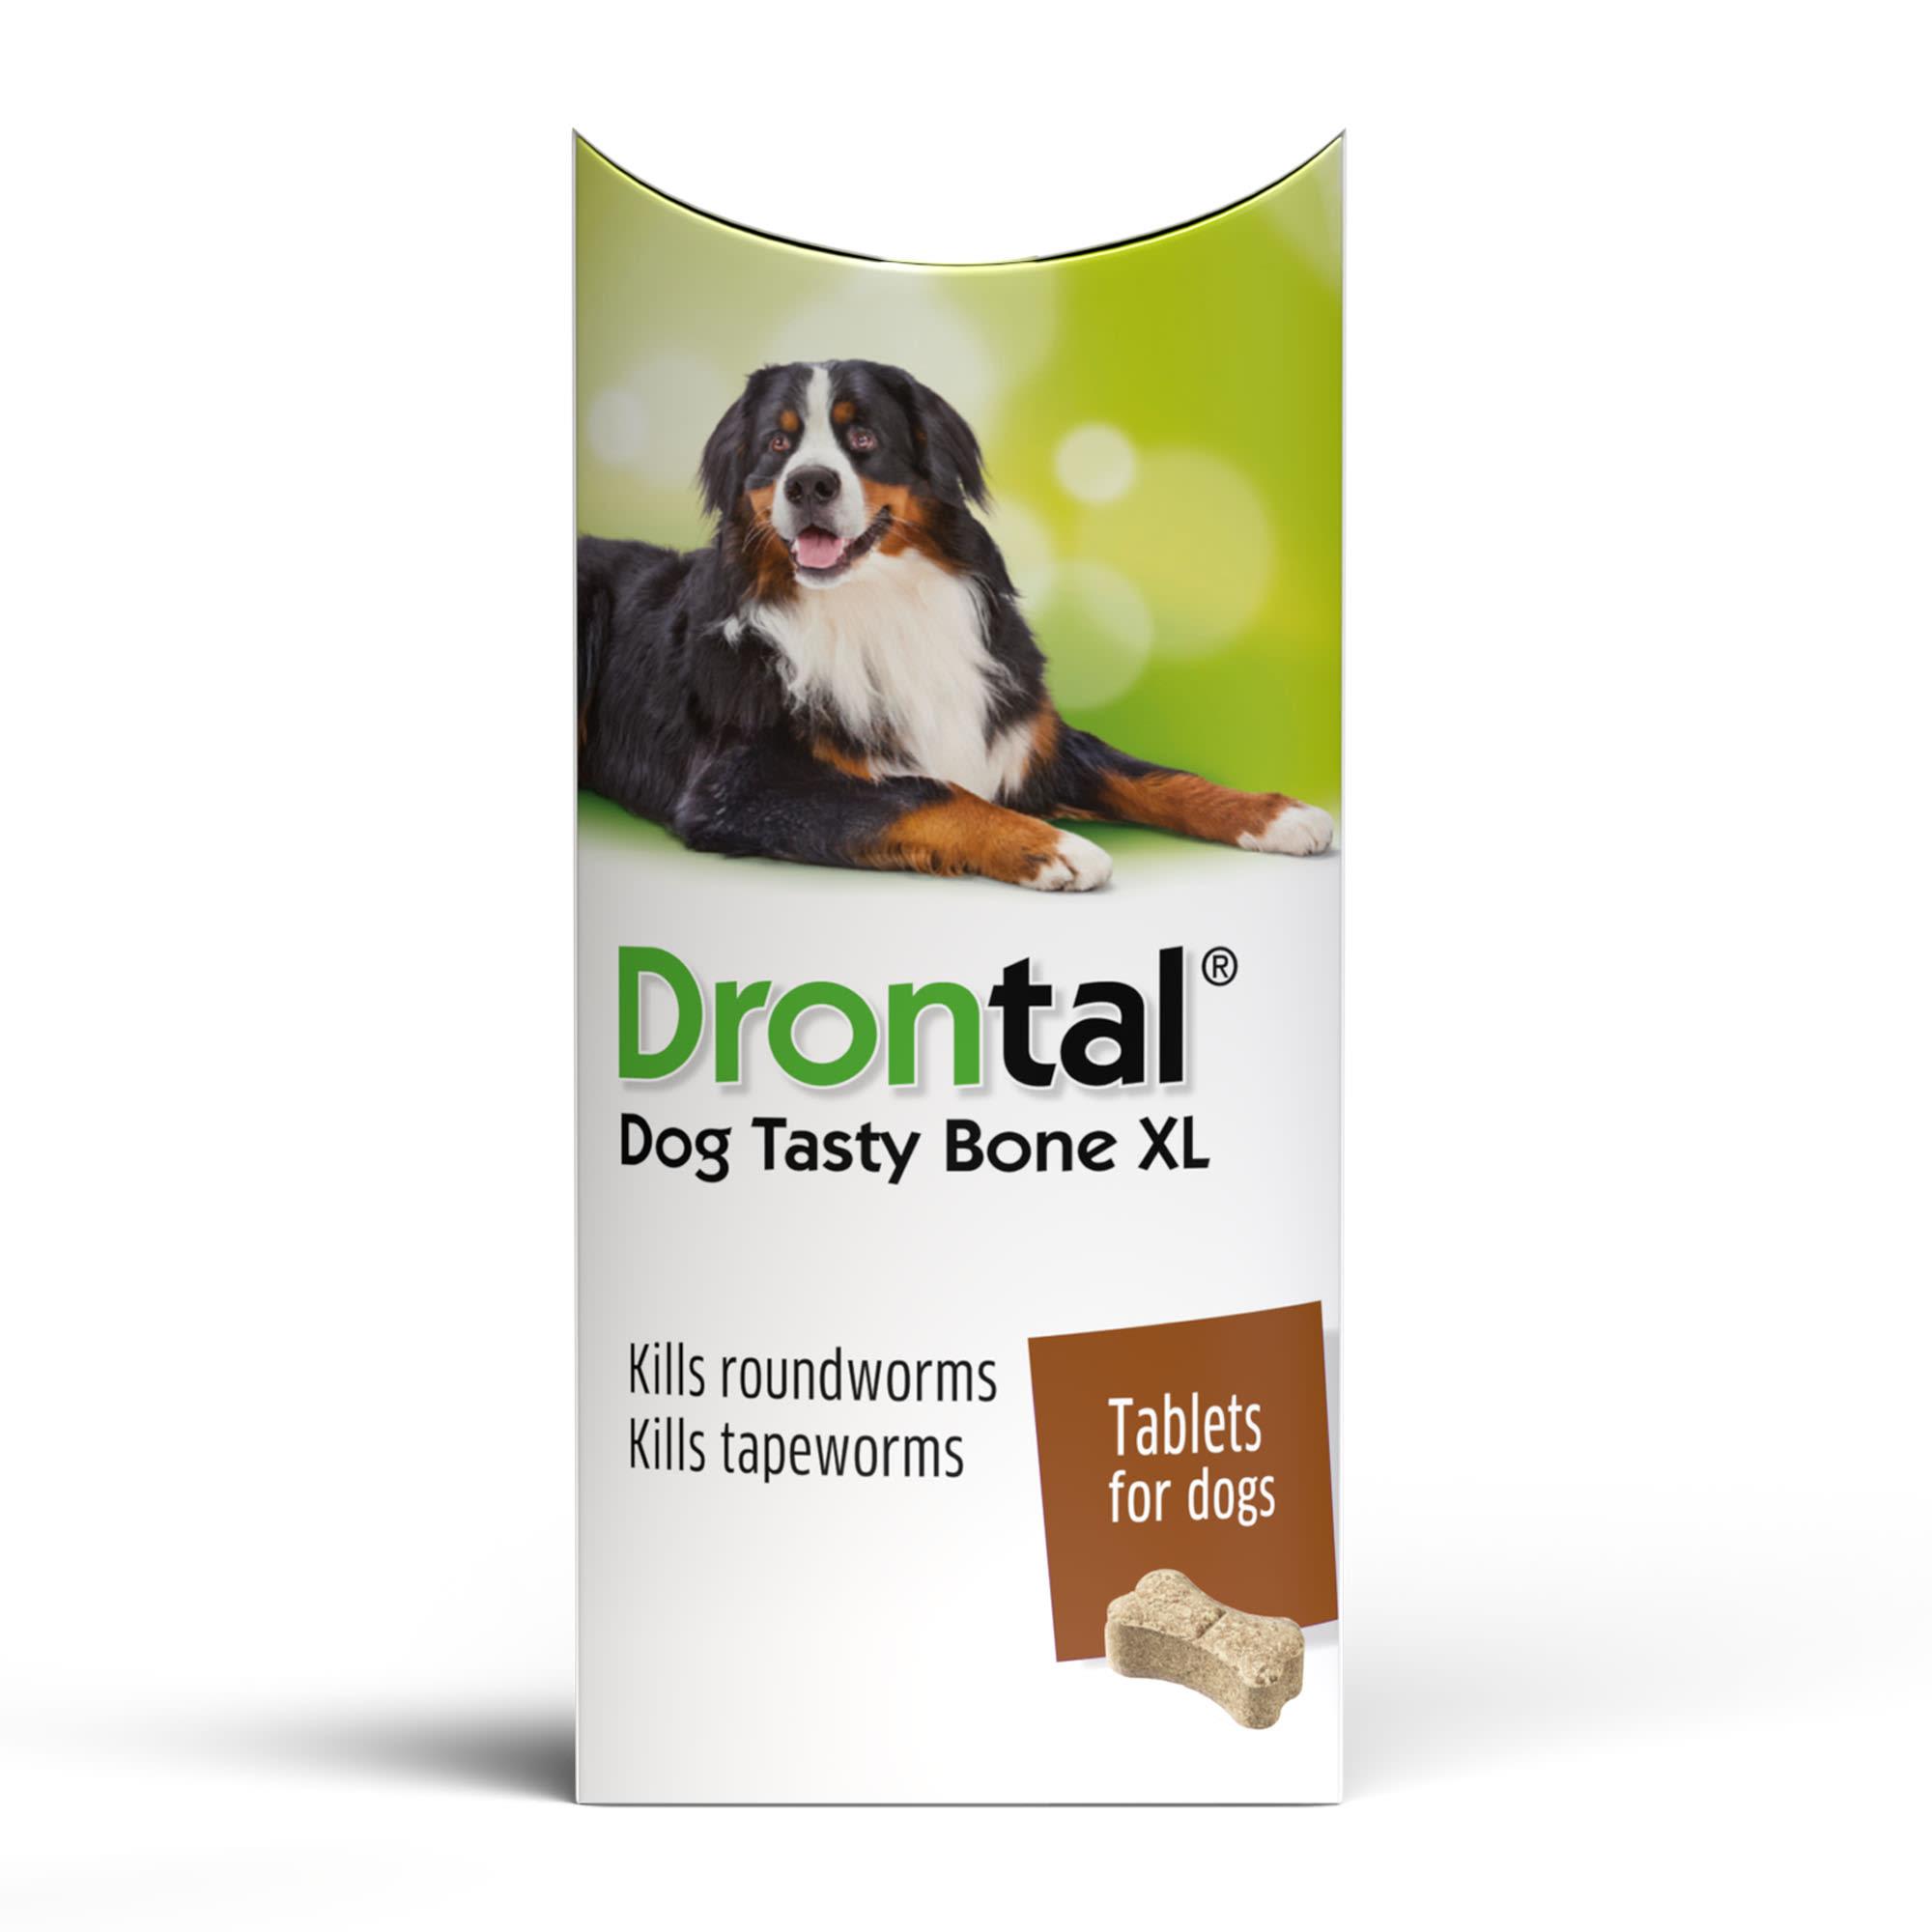 Drontal Dog Tasty Bone XL Worming Tablet